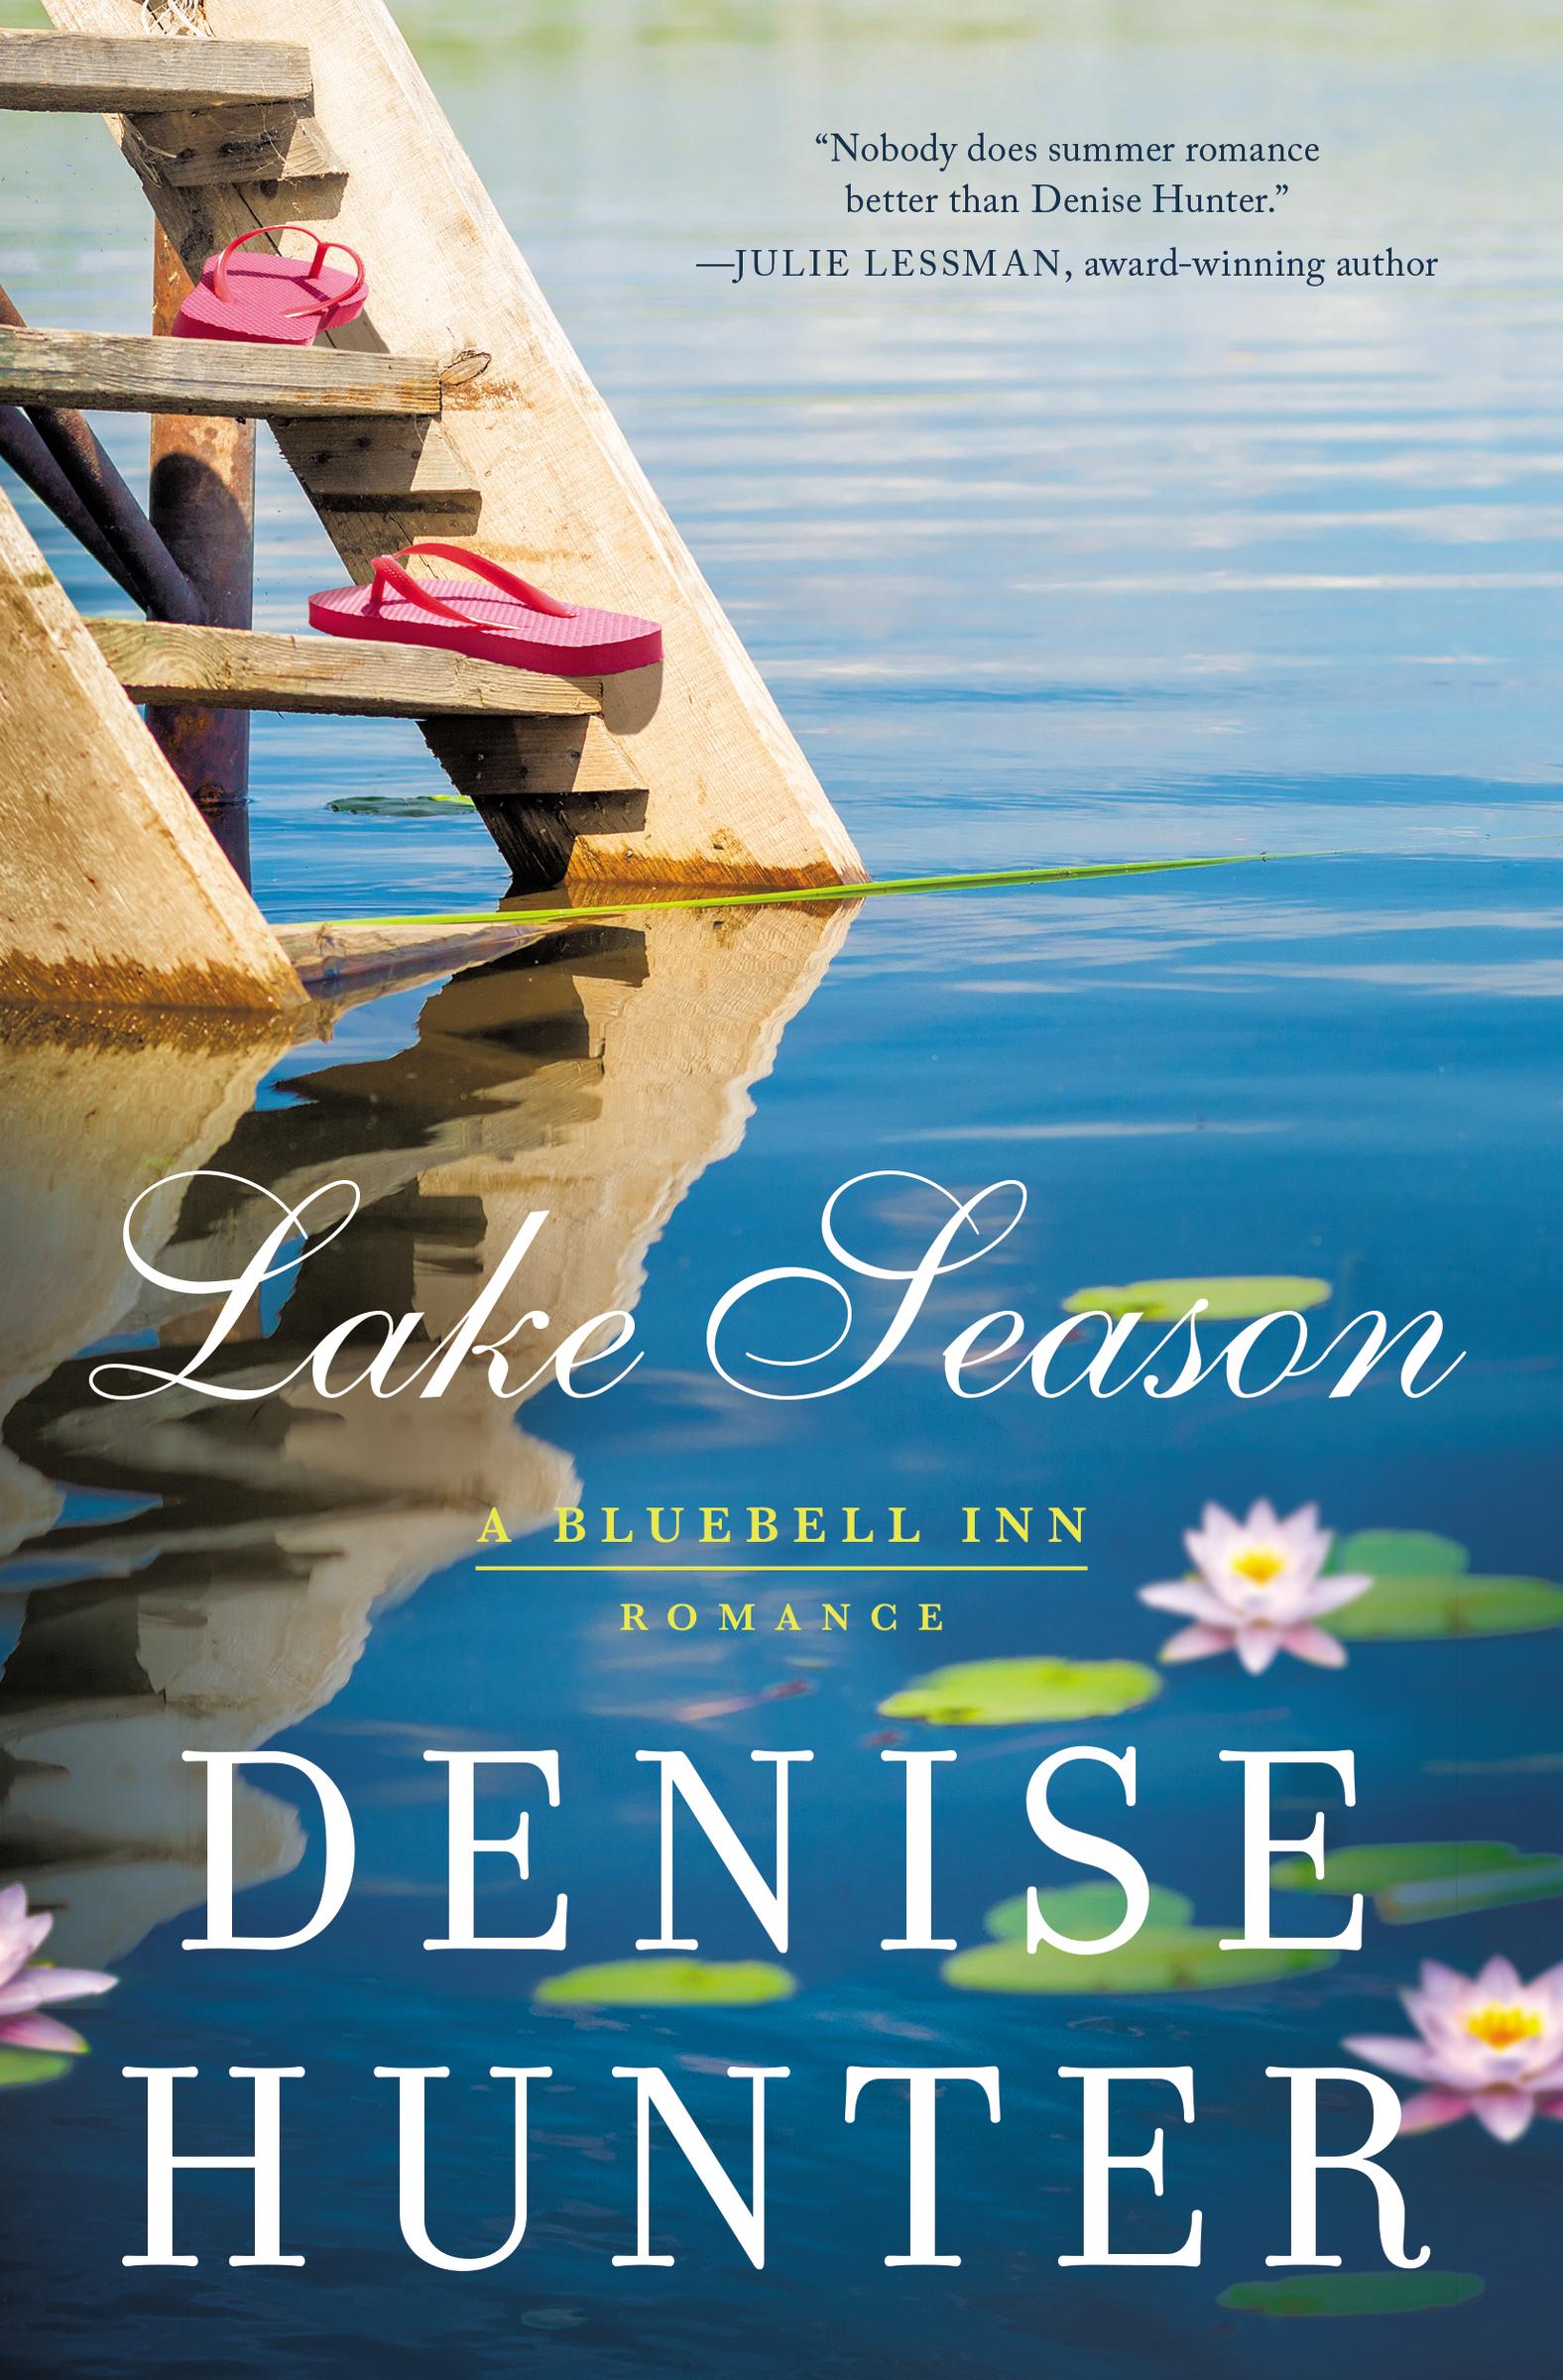 Lake season cover image